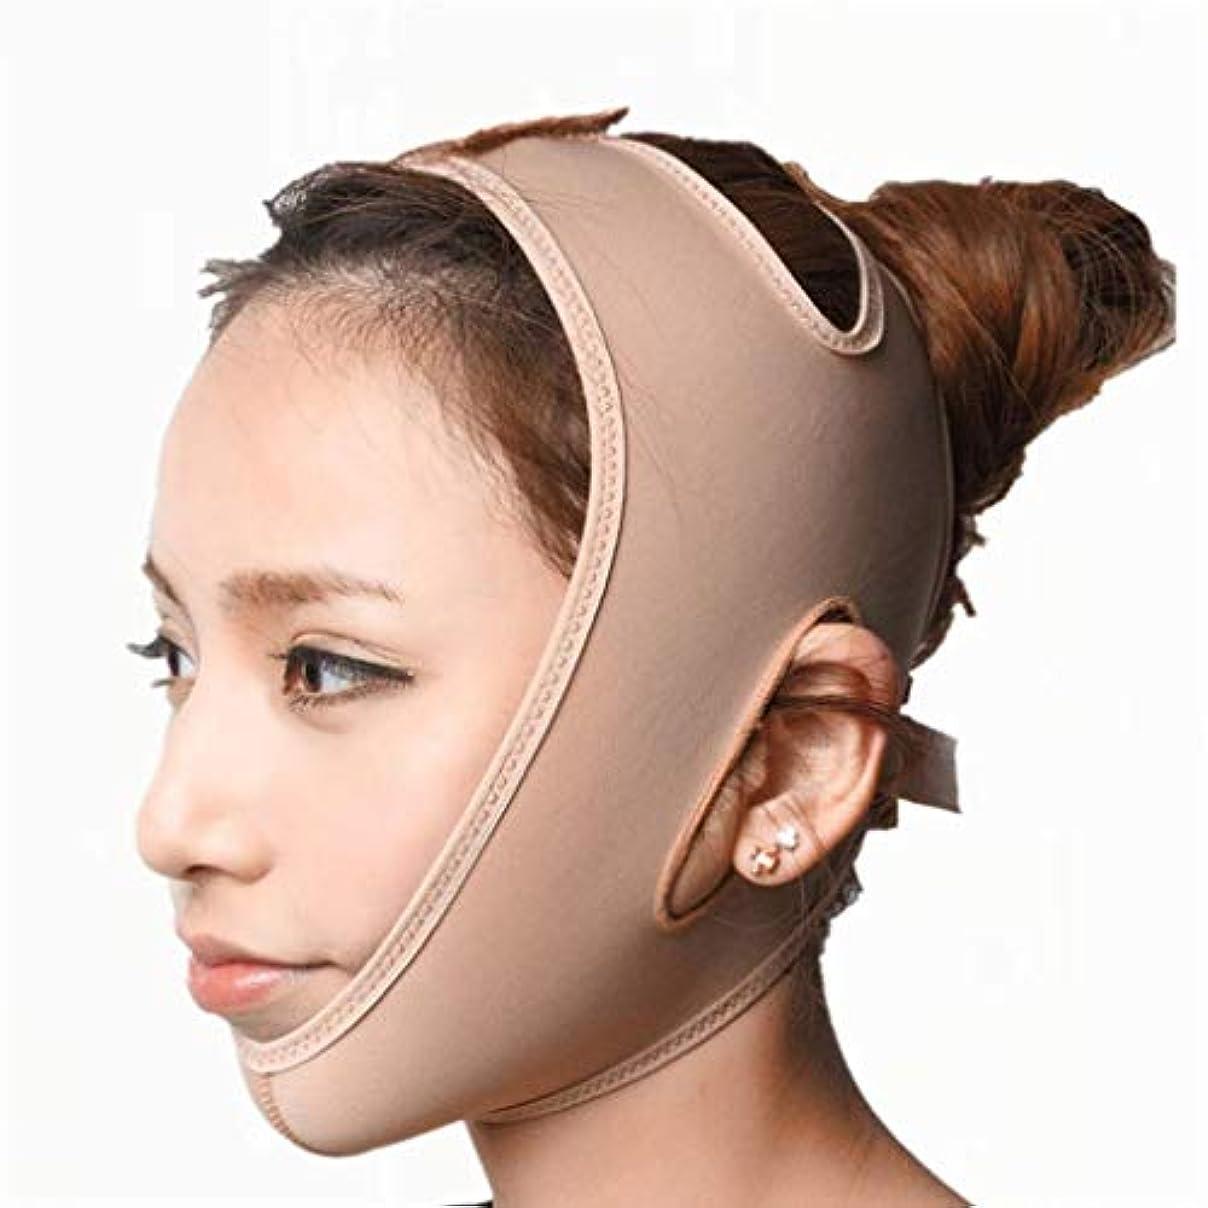 全能ウナギ平衡フェイスリフティング痩身Vフェイスマスクフルカバレッジ包帯減らす顔の二重あごケア減量美容ベルト通気性